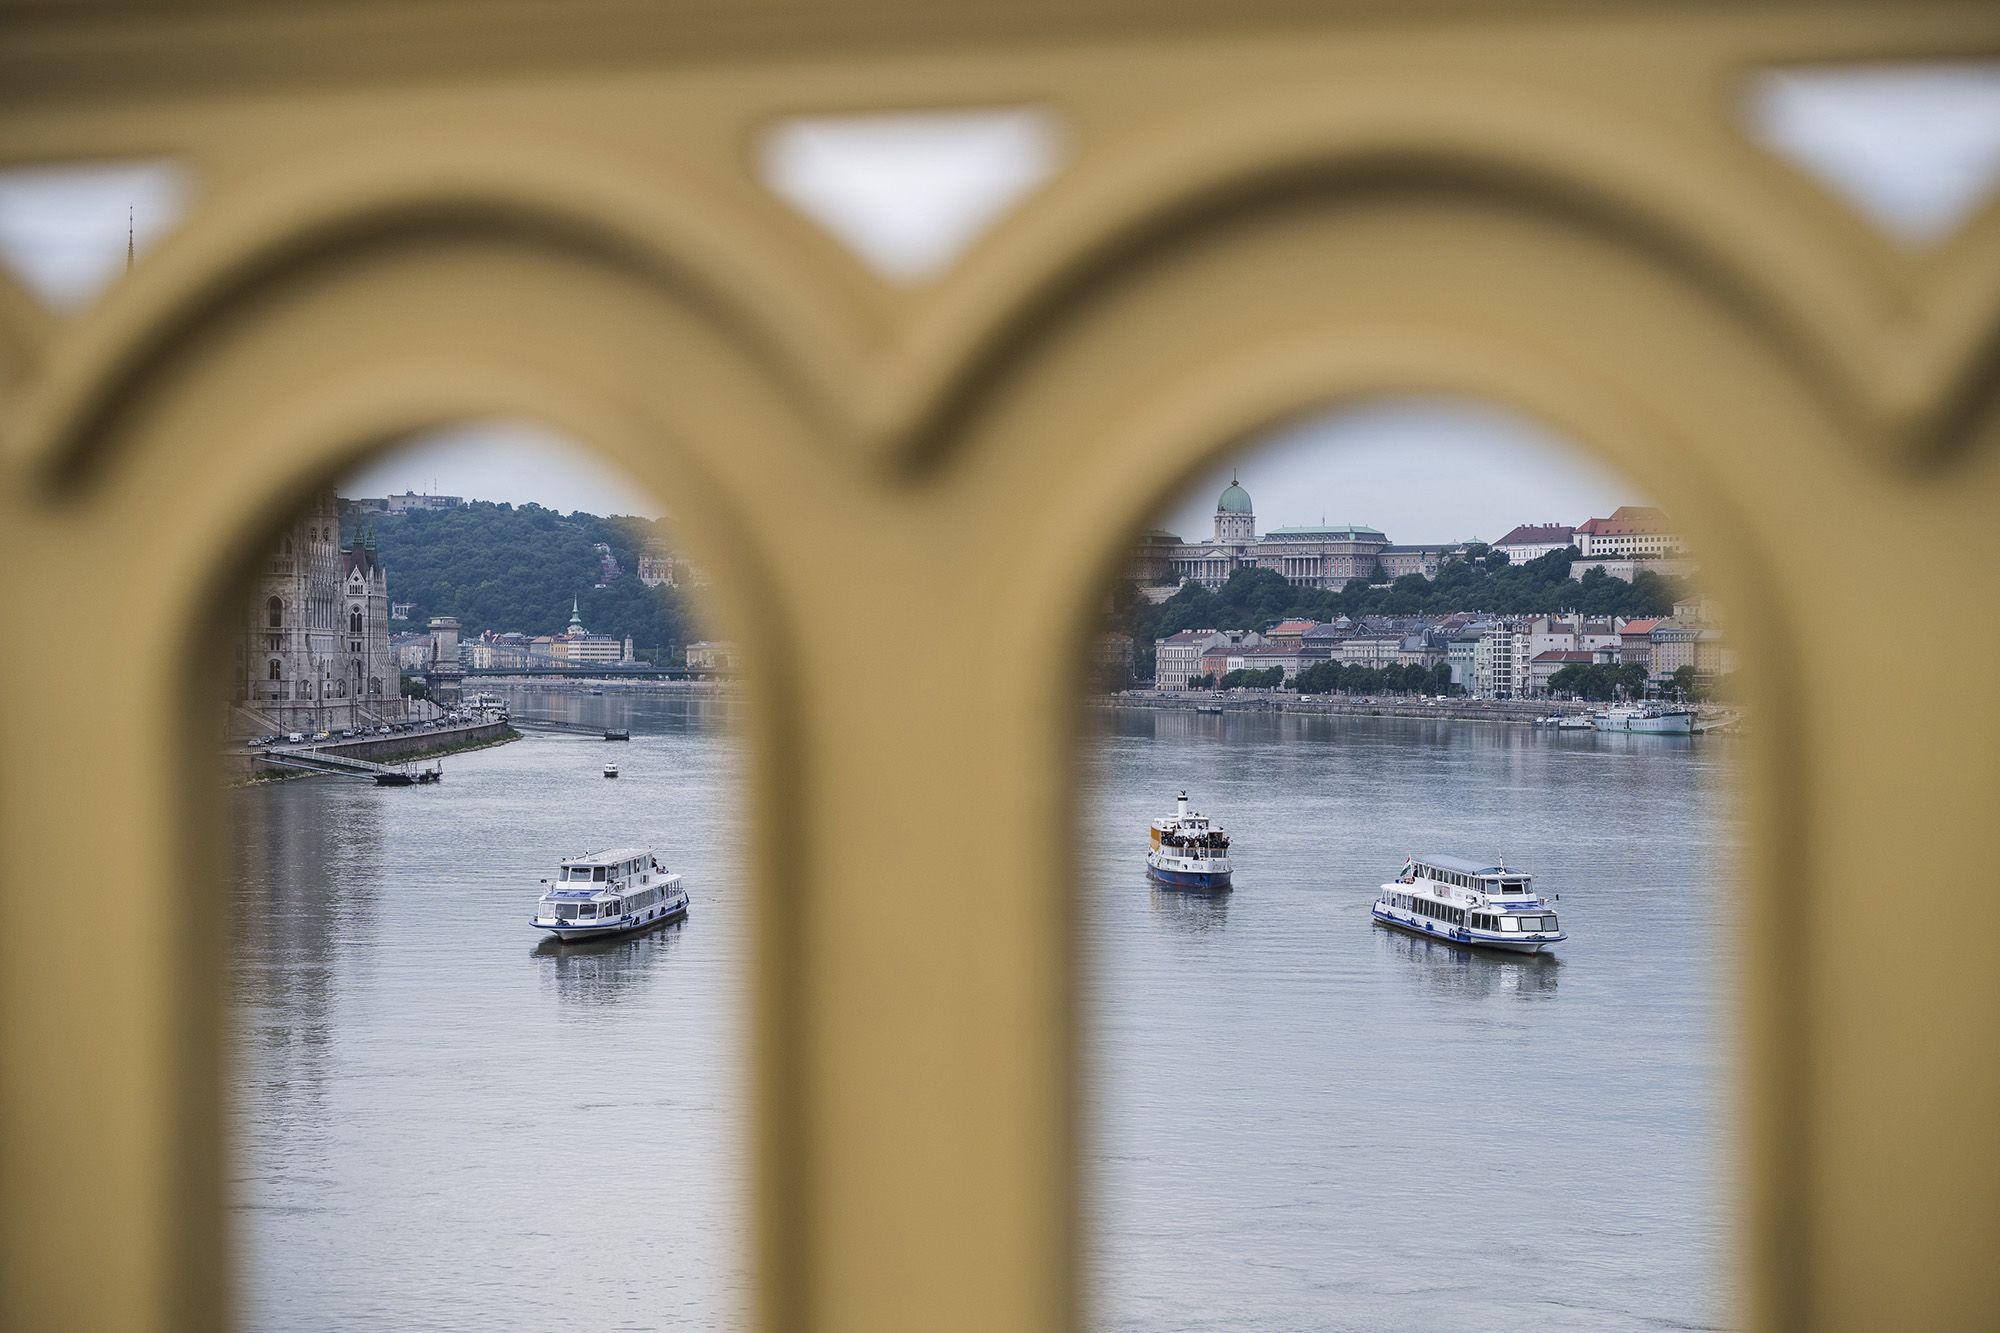 2019. május 29-én, este 9 óra után a Duna Margit híd alatti szakaszán haladó Viking Sygin szállodahajó a jóval kisebb Hableány turistahajónak ütközött, és maga alá temette azt.